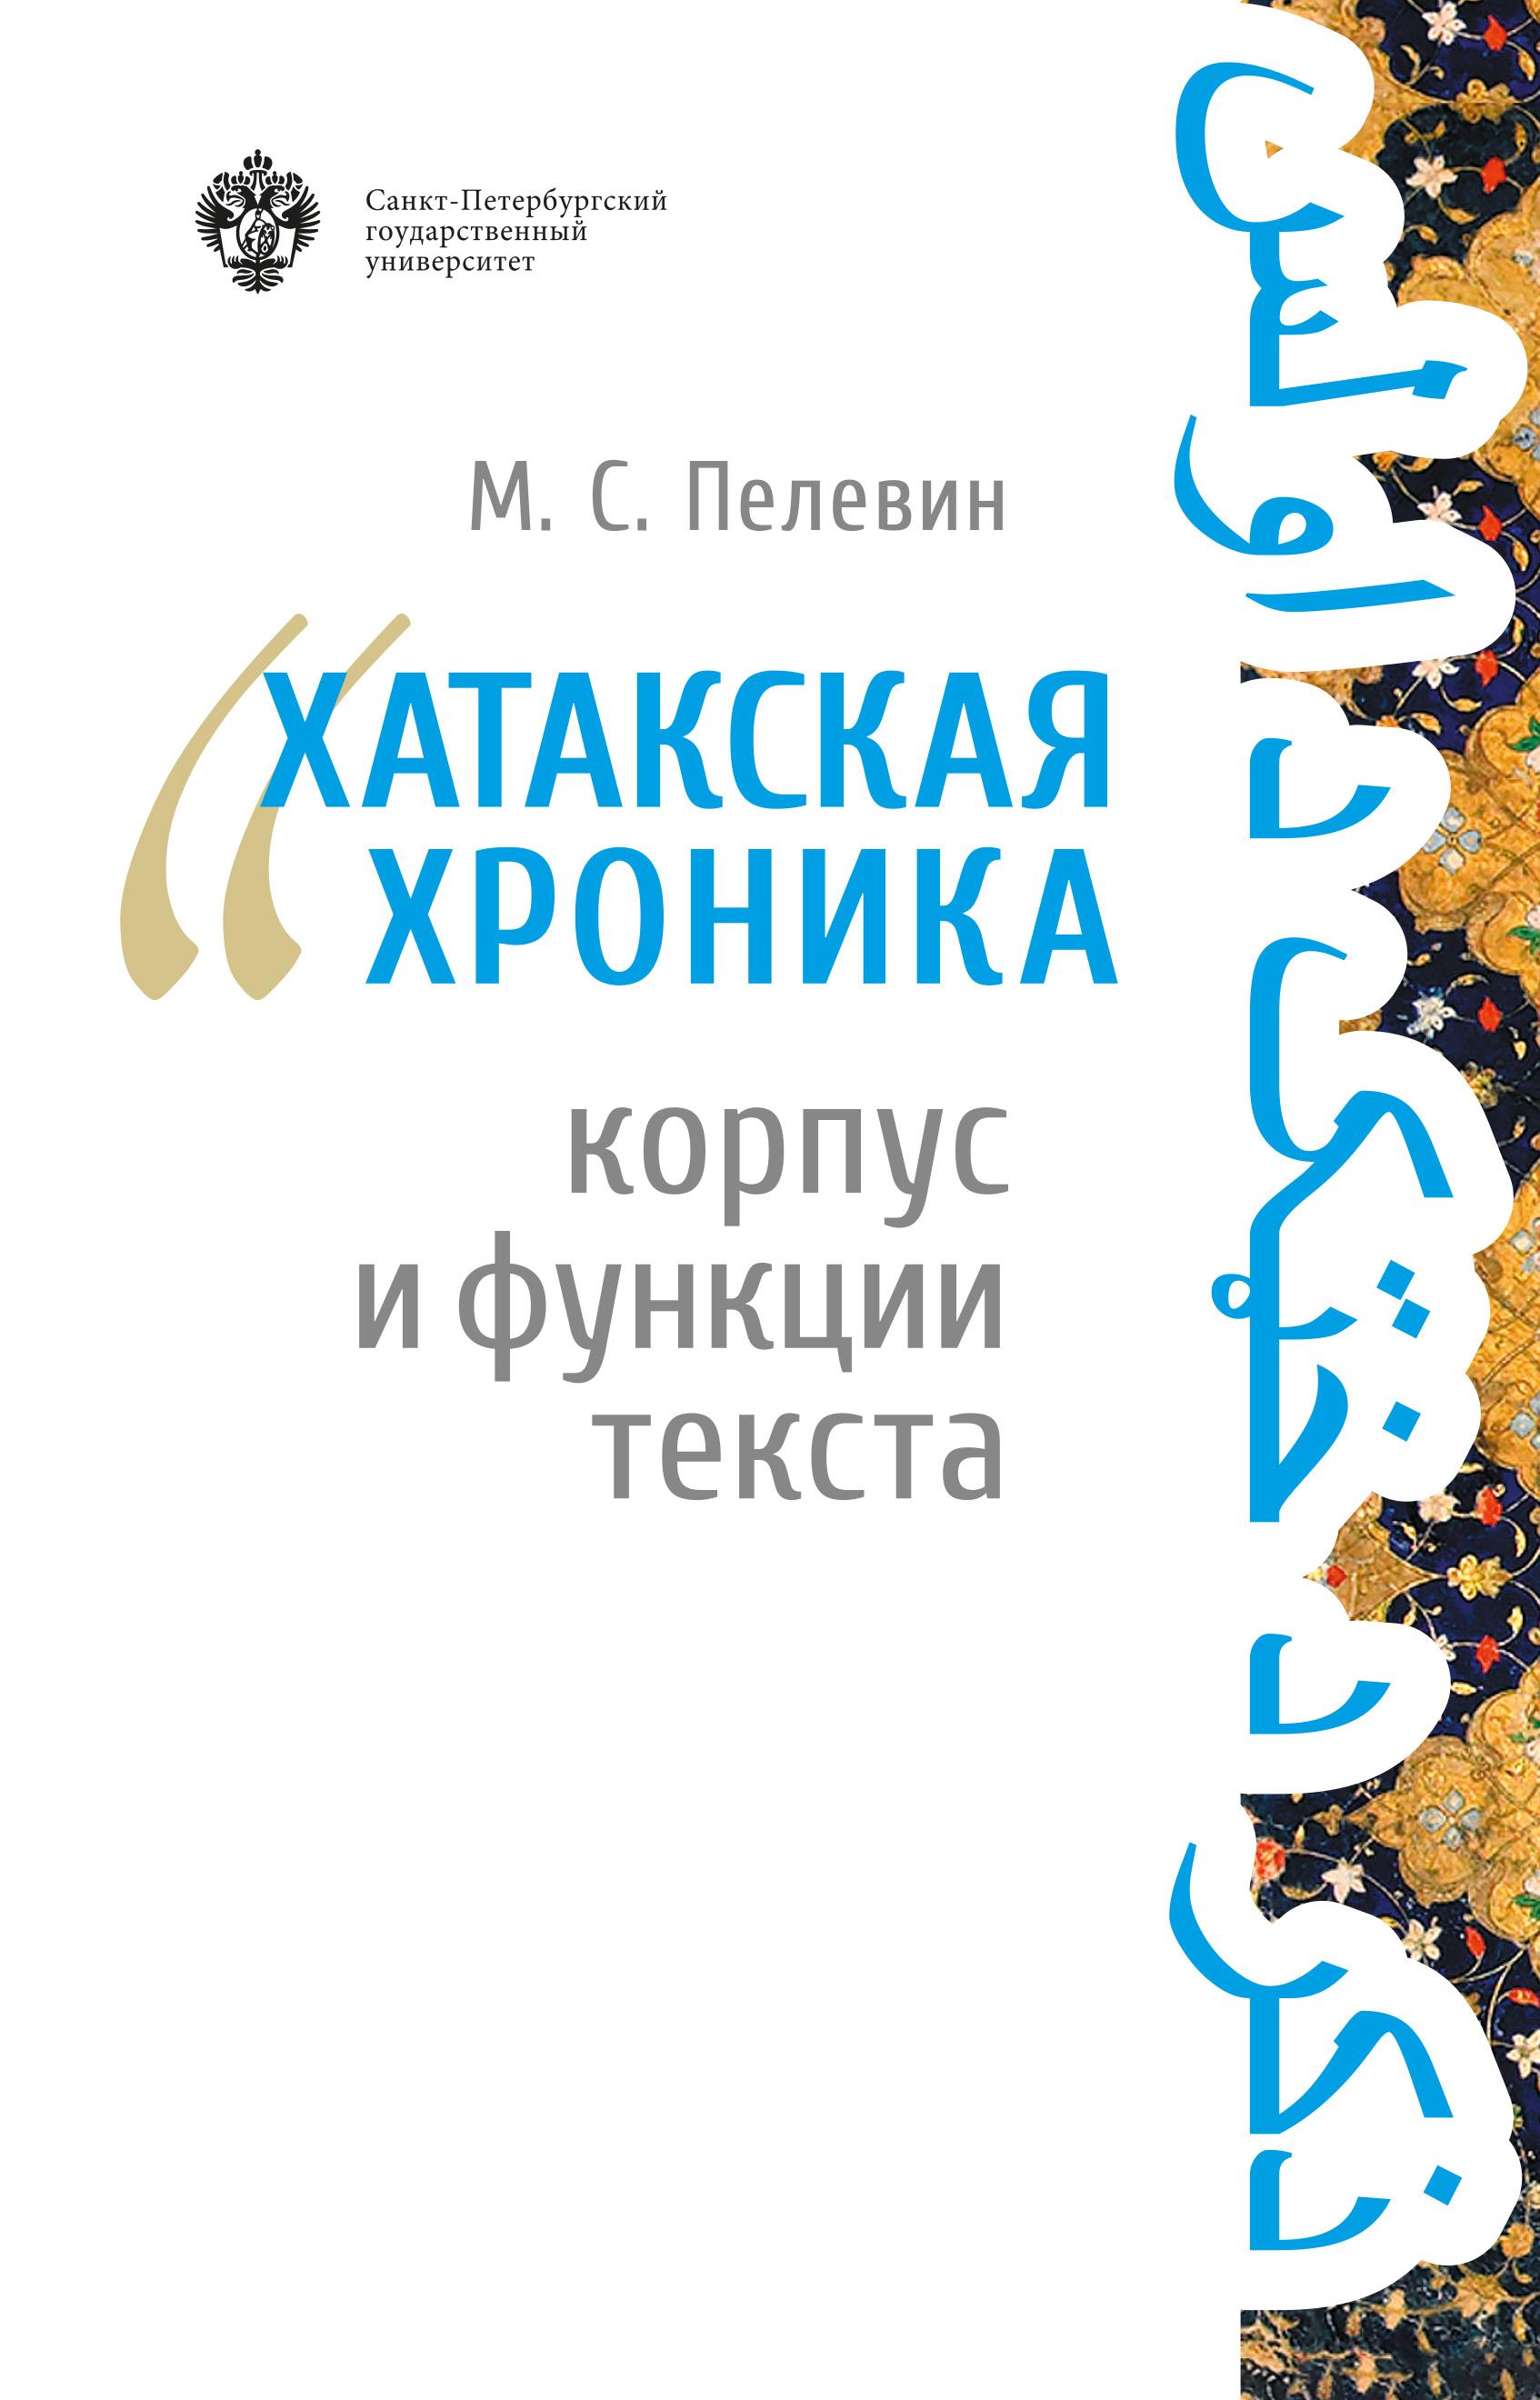 М. С. Пелевин «Хатакская хроника»: корпус и функции текста м с пелевин хатакская хроника корпус и функции текста